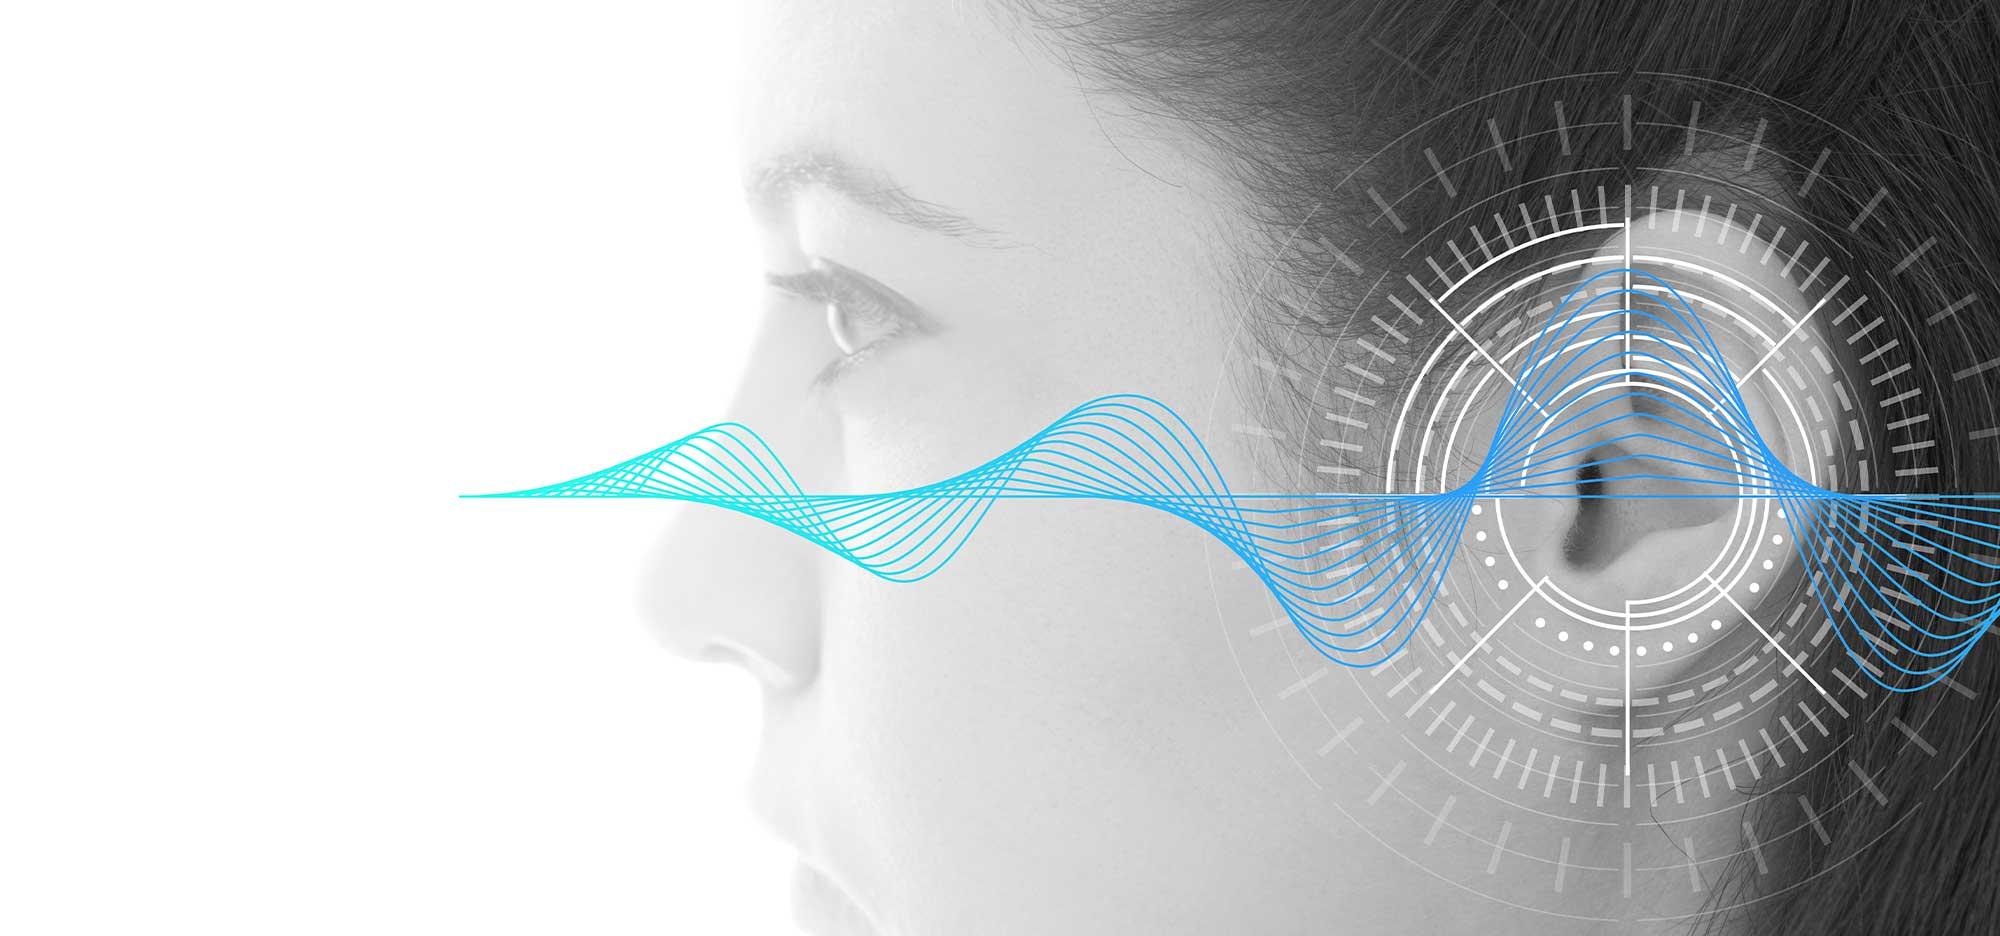 Tinnitus und Ohrengeräusche sanft behandeln